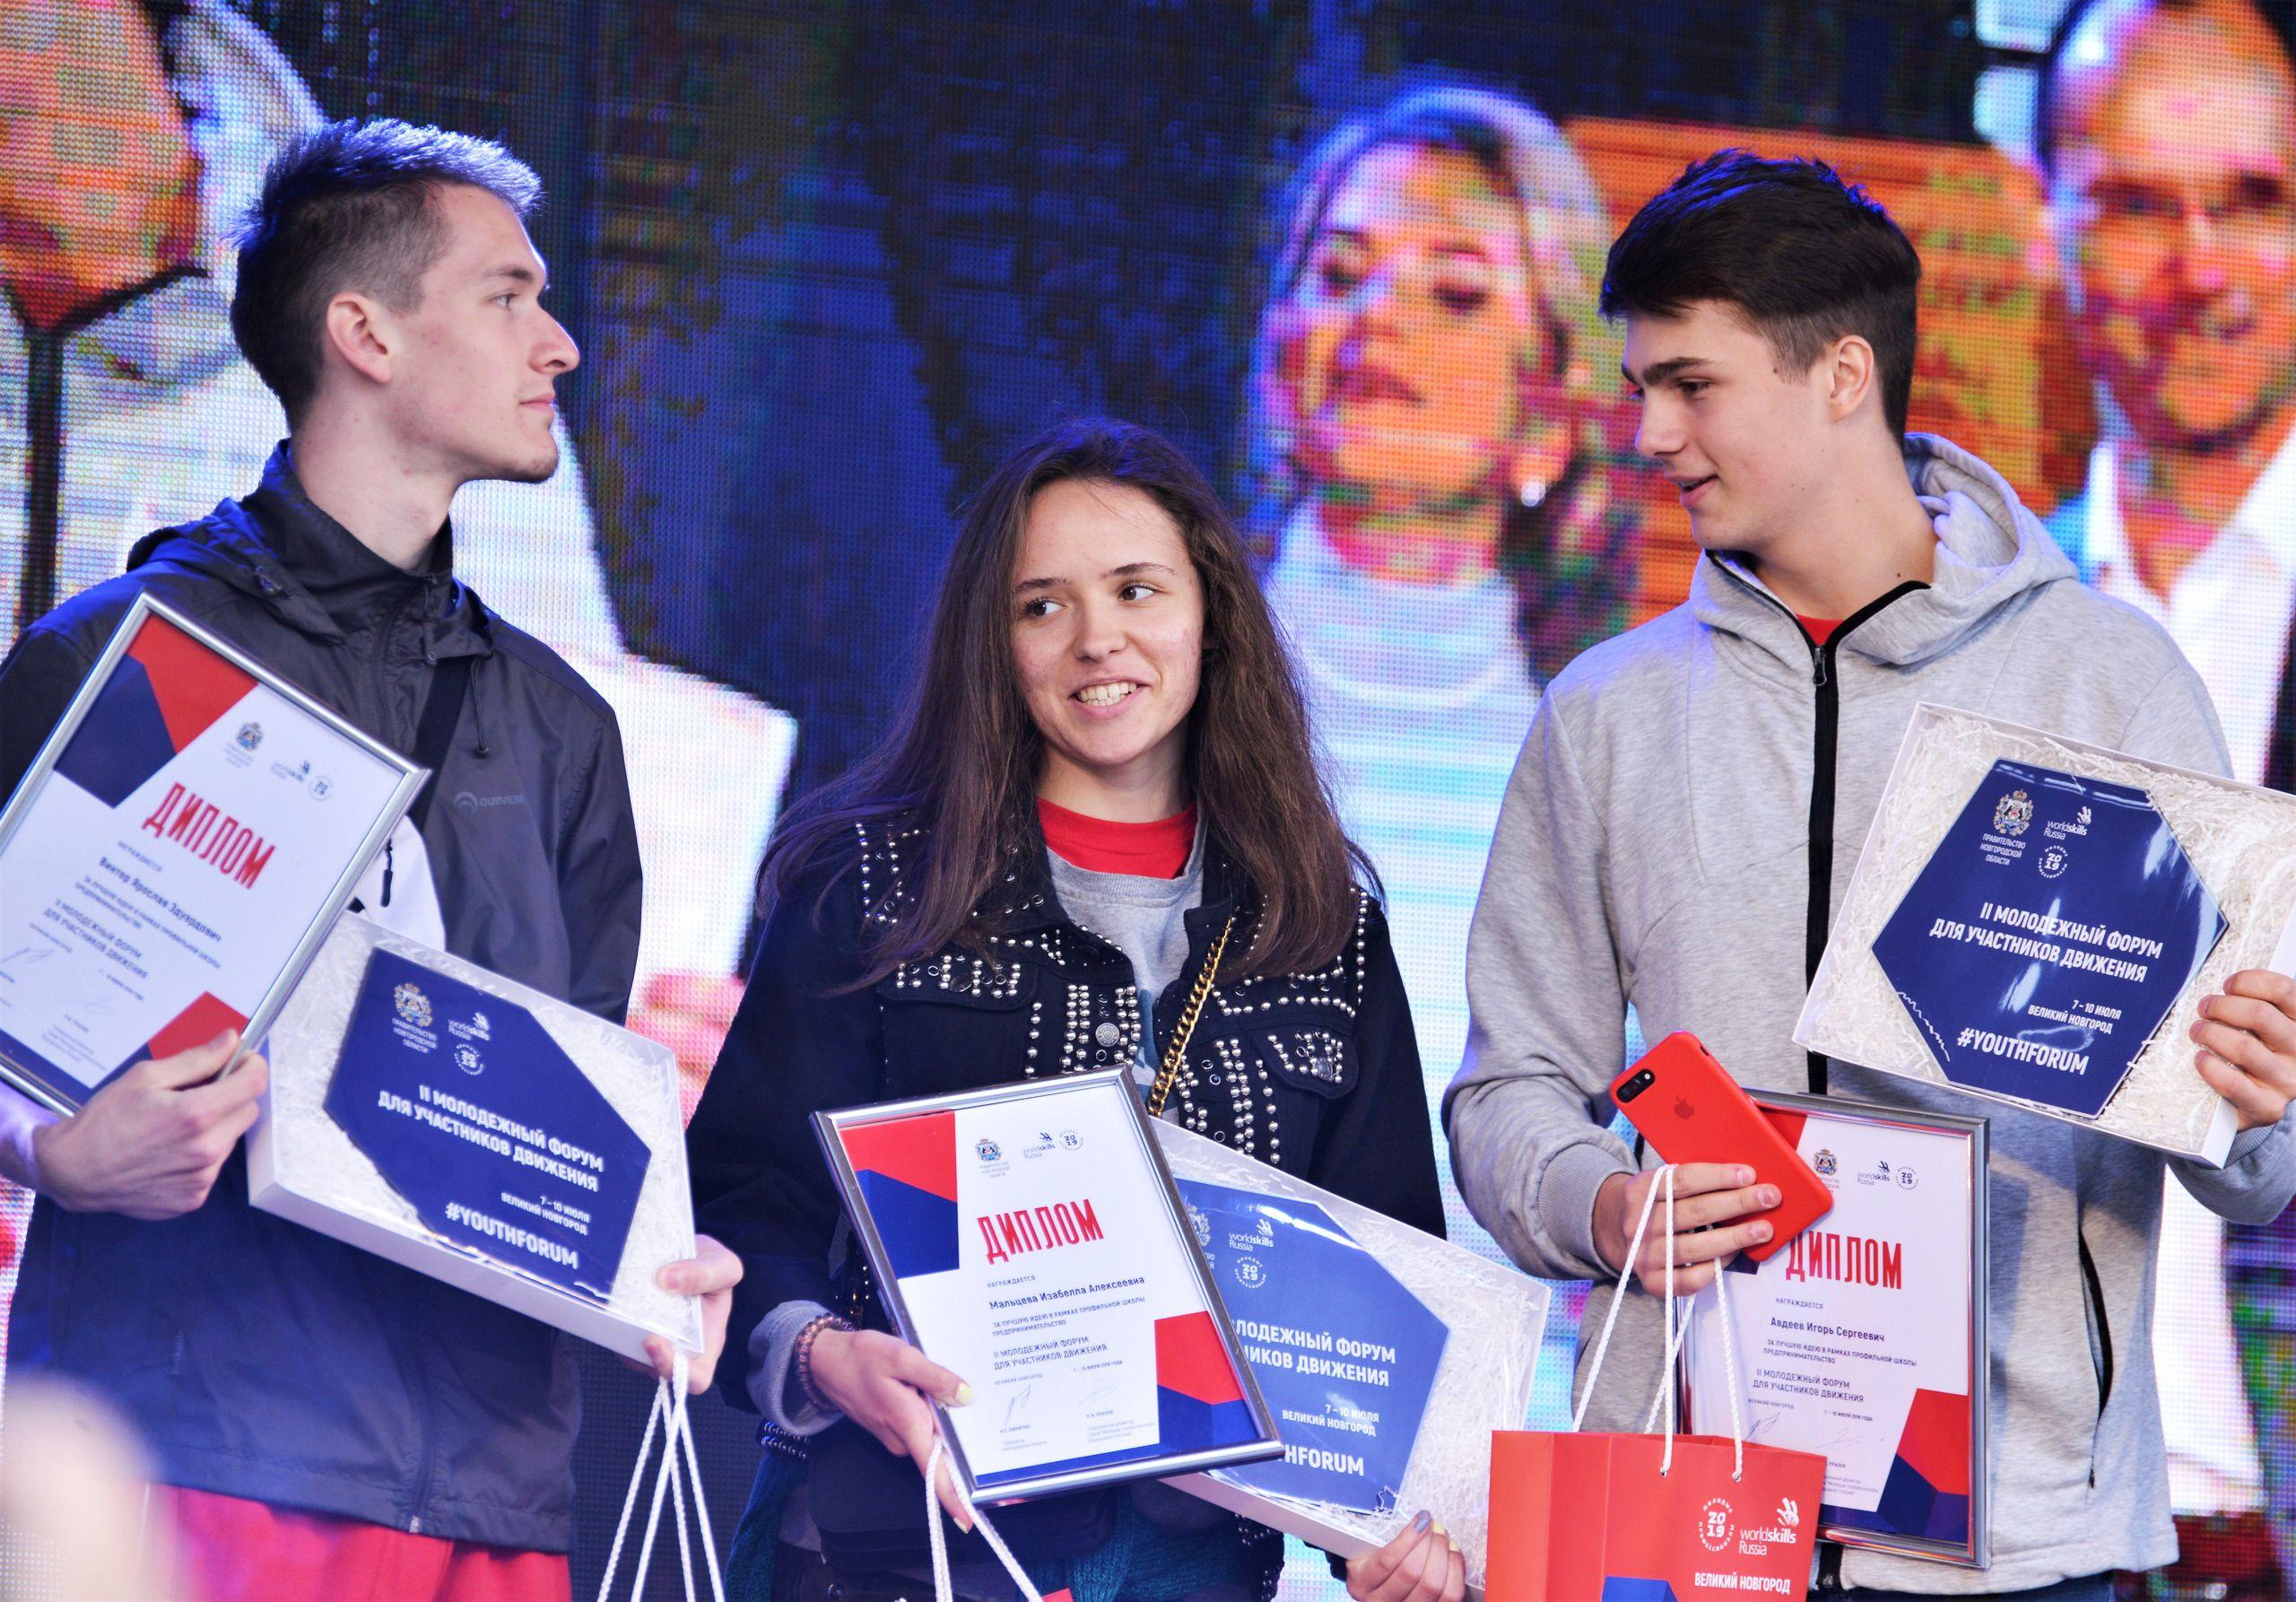 Бизнес-проект студентов ВГУЭС привлек внимание организаторов II Молодежного форума «Молодые профессионалы»